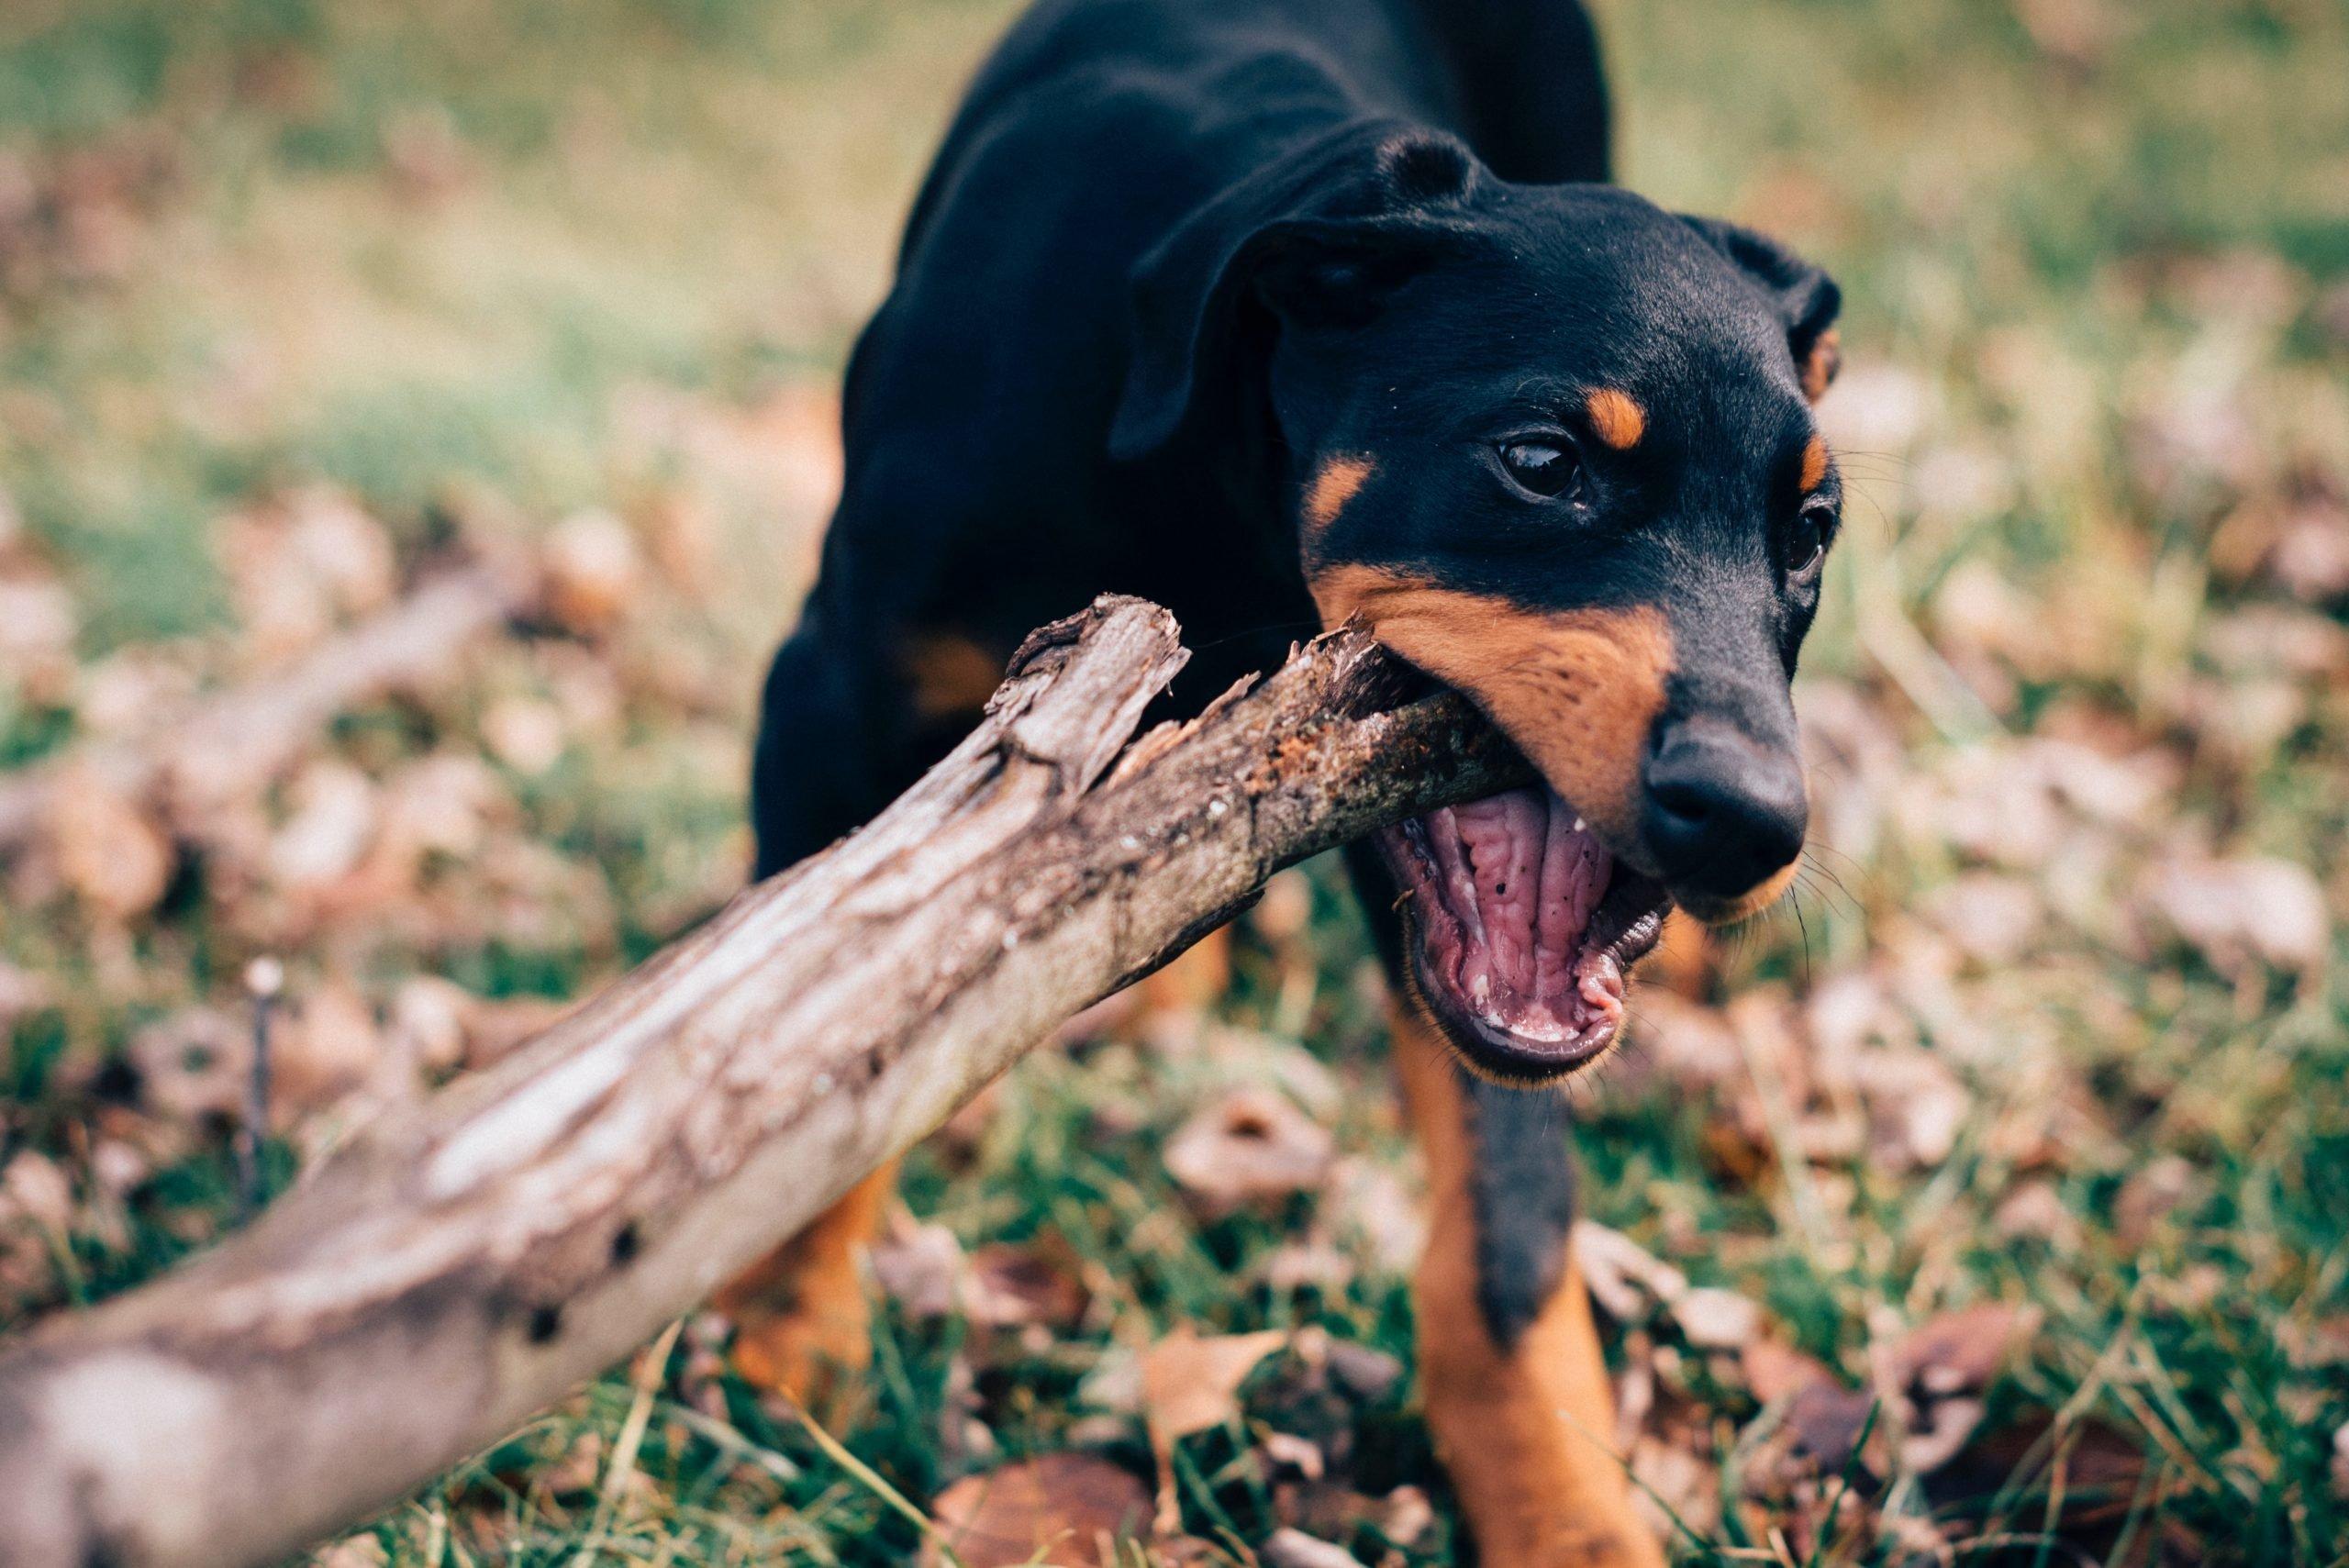 Obstrucción intestinal en perros: síntomas, causas y prevención 1